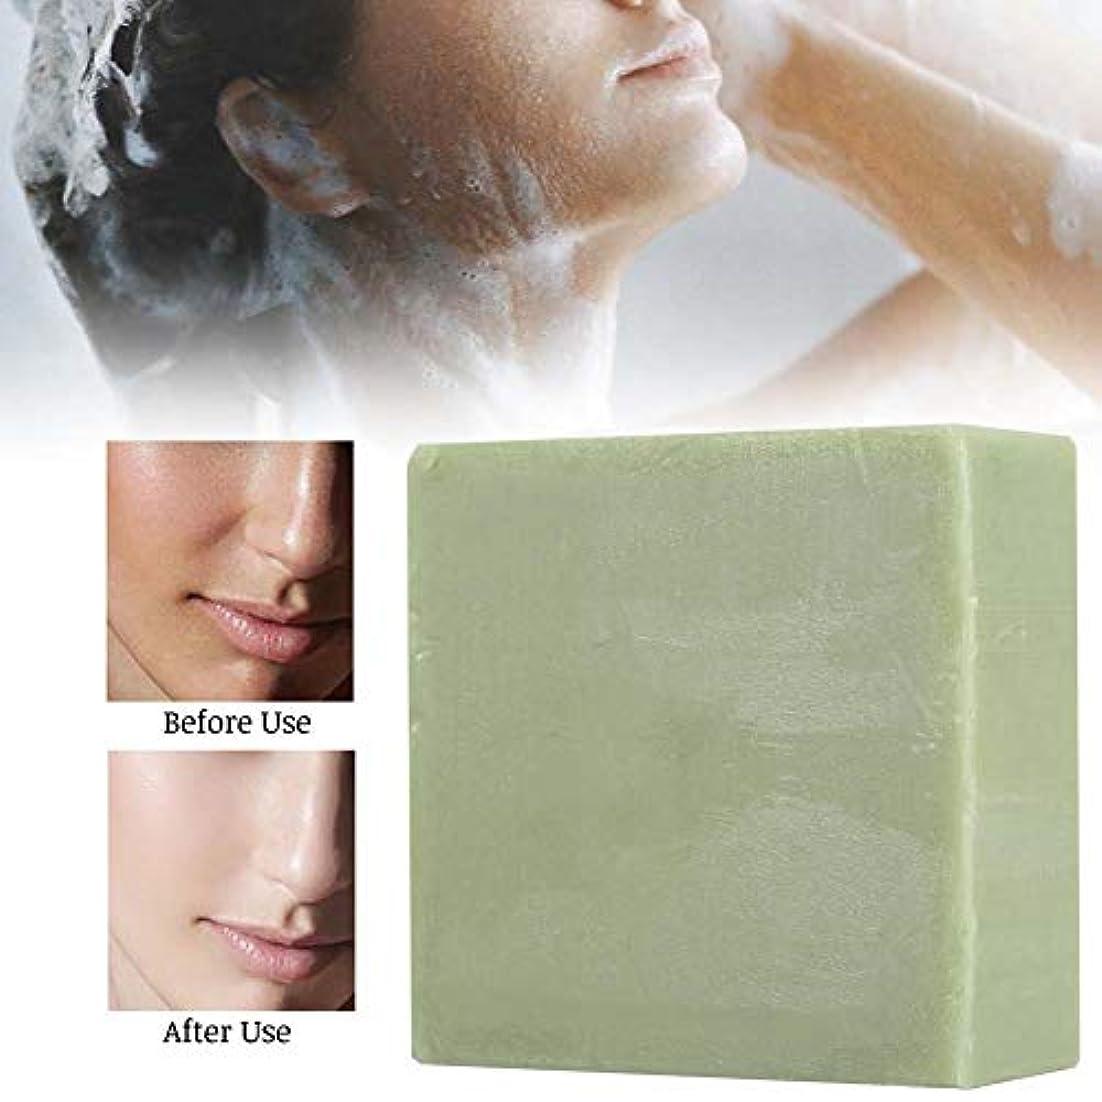 均等にガイド不良品手作り石鹸 ハンドメイドグリーンクレイソープ フェイシャルクリーニング 保湿フェイシャルケア バスエッセンシャルオイルソープ